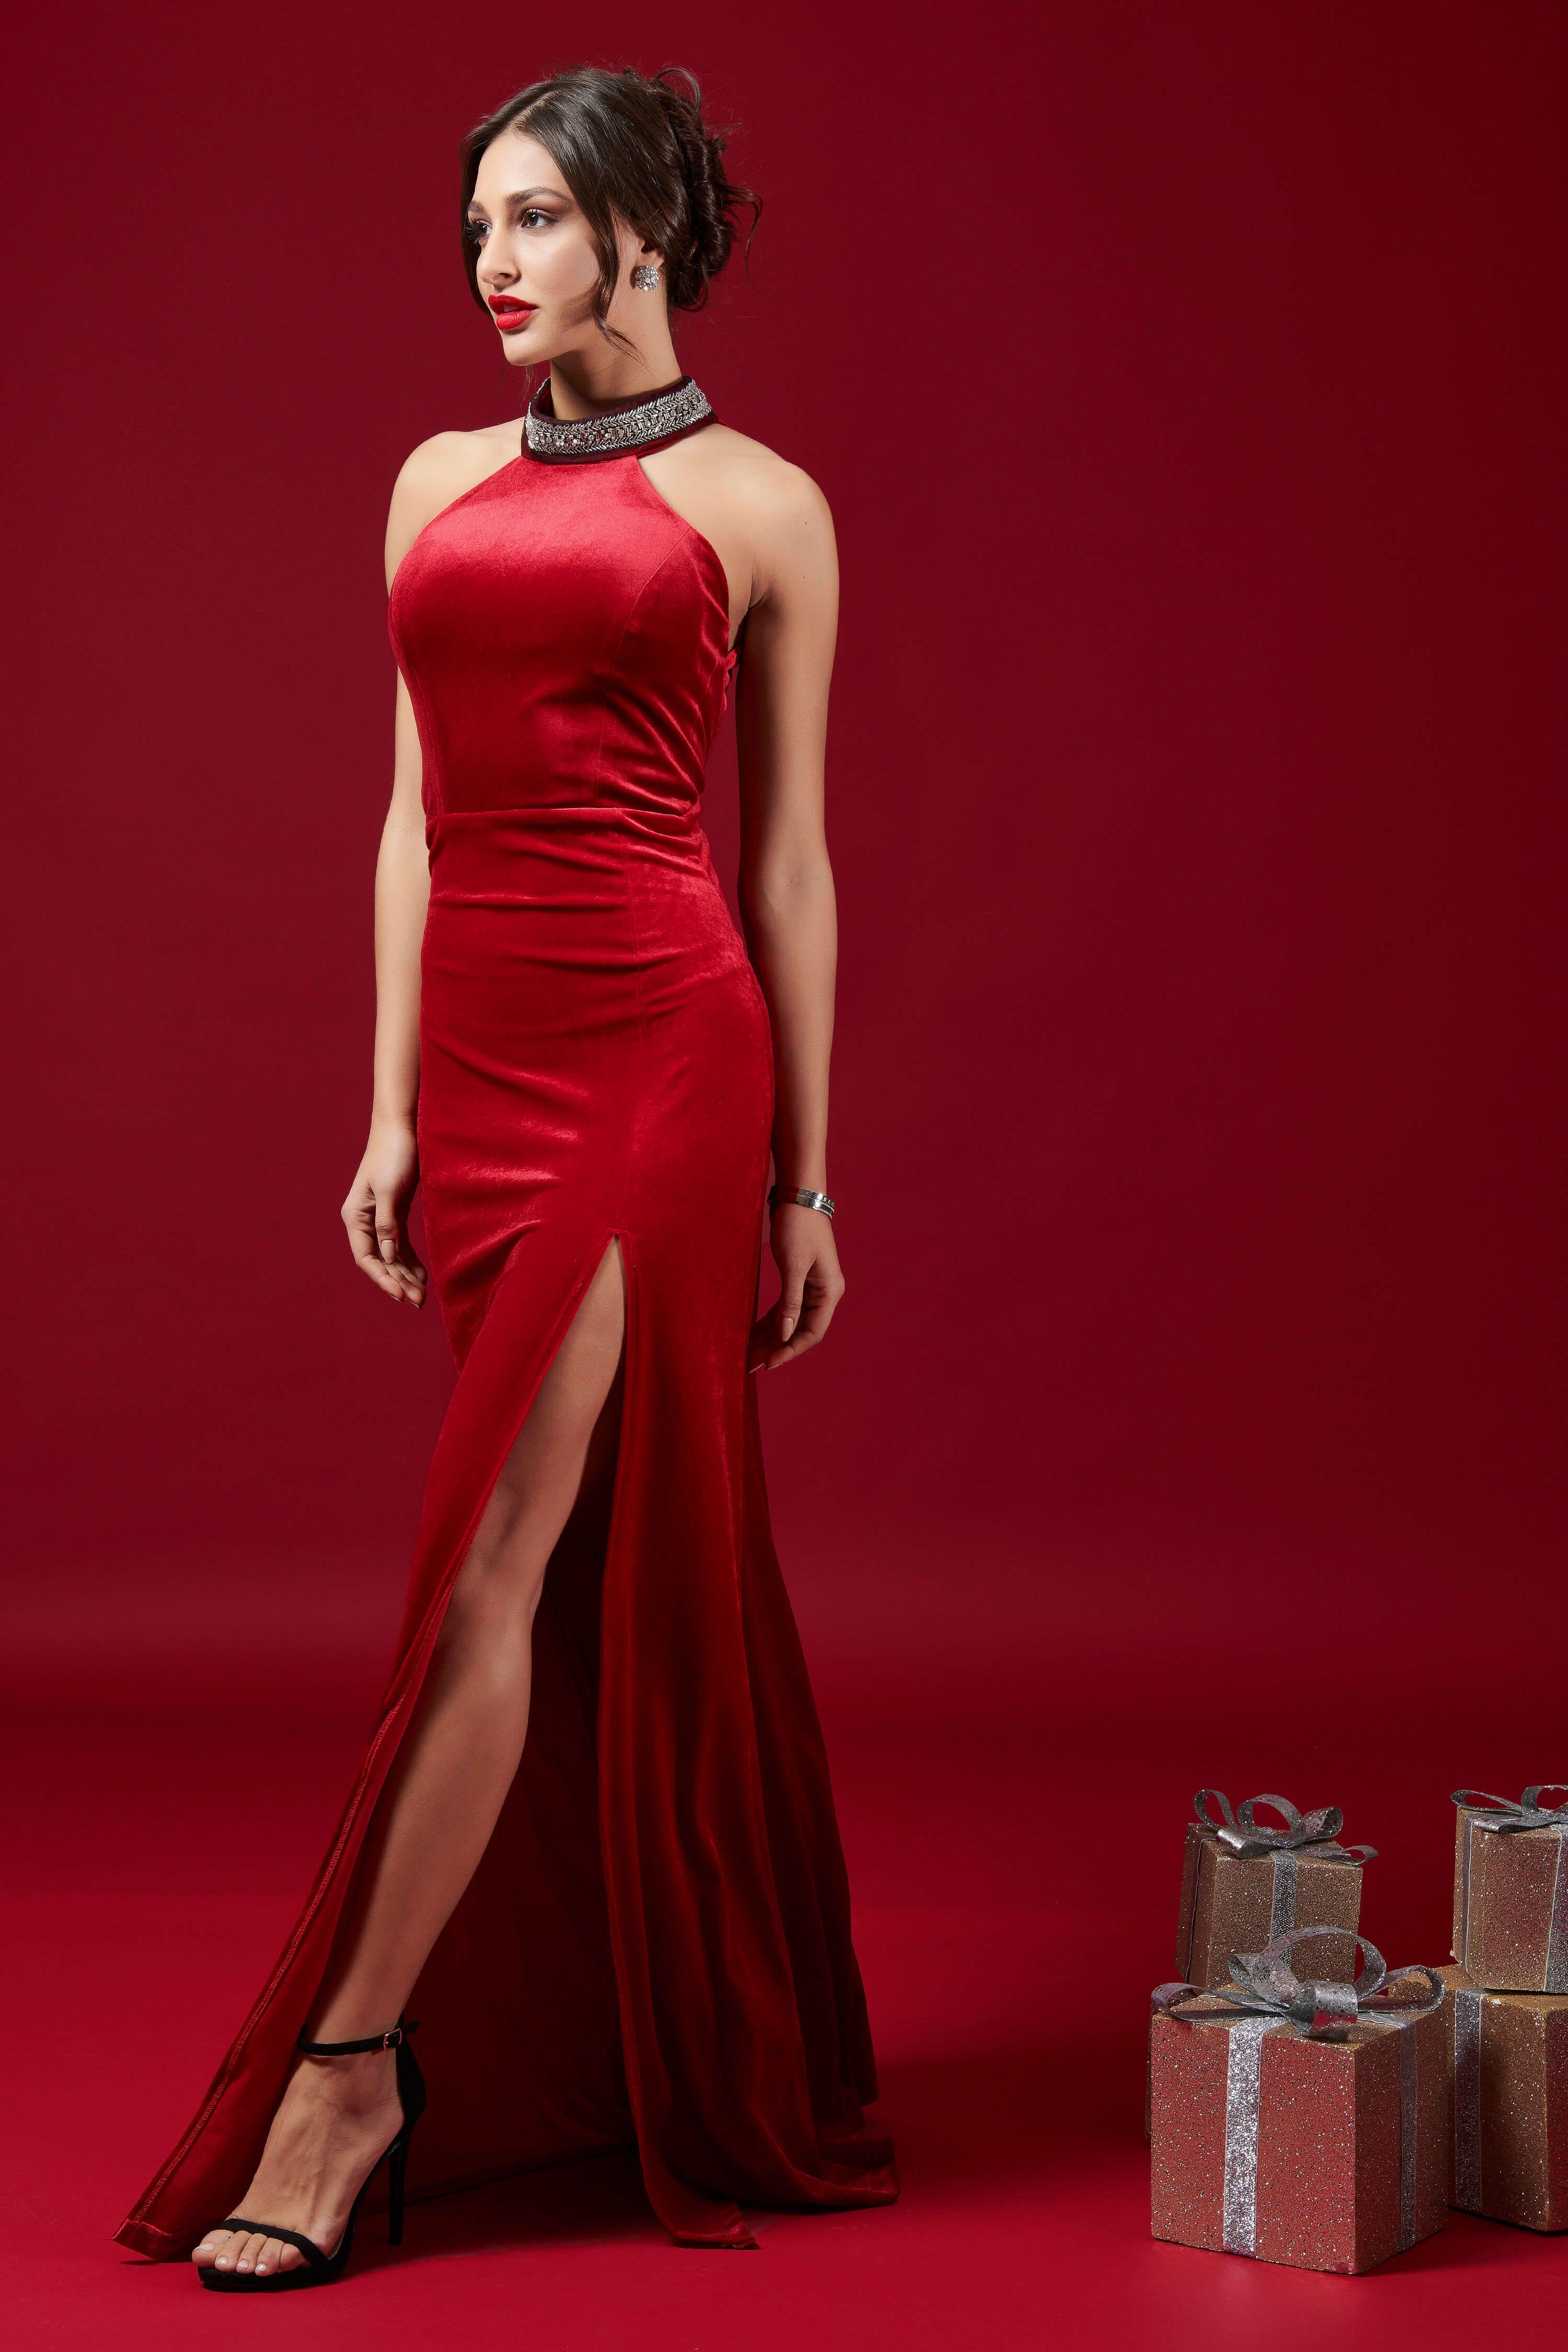 738b2d05ab18 Maxi βελούδινο φόρεμα σε κόκκινο   μαύρο χρώμα από τα Joy Fashion House!